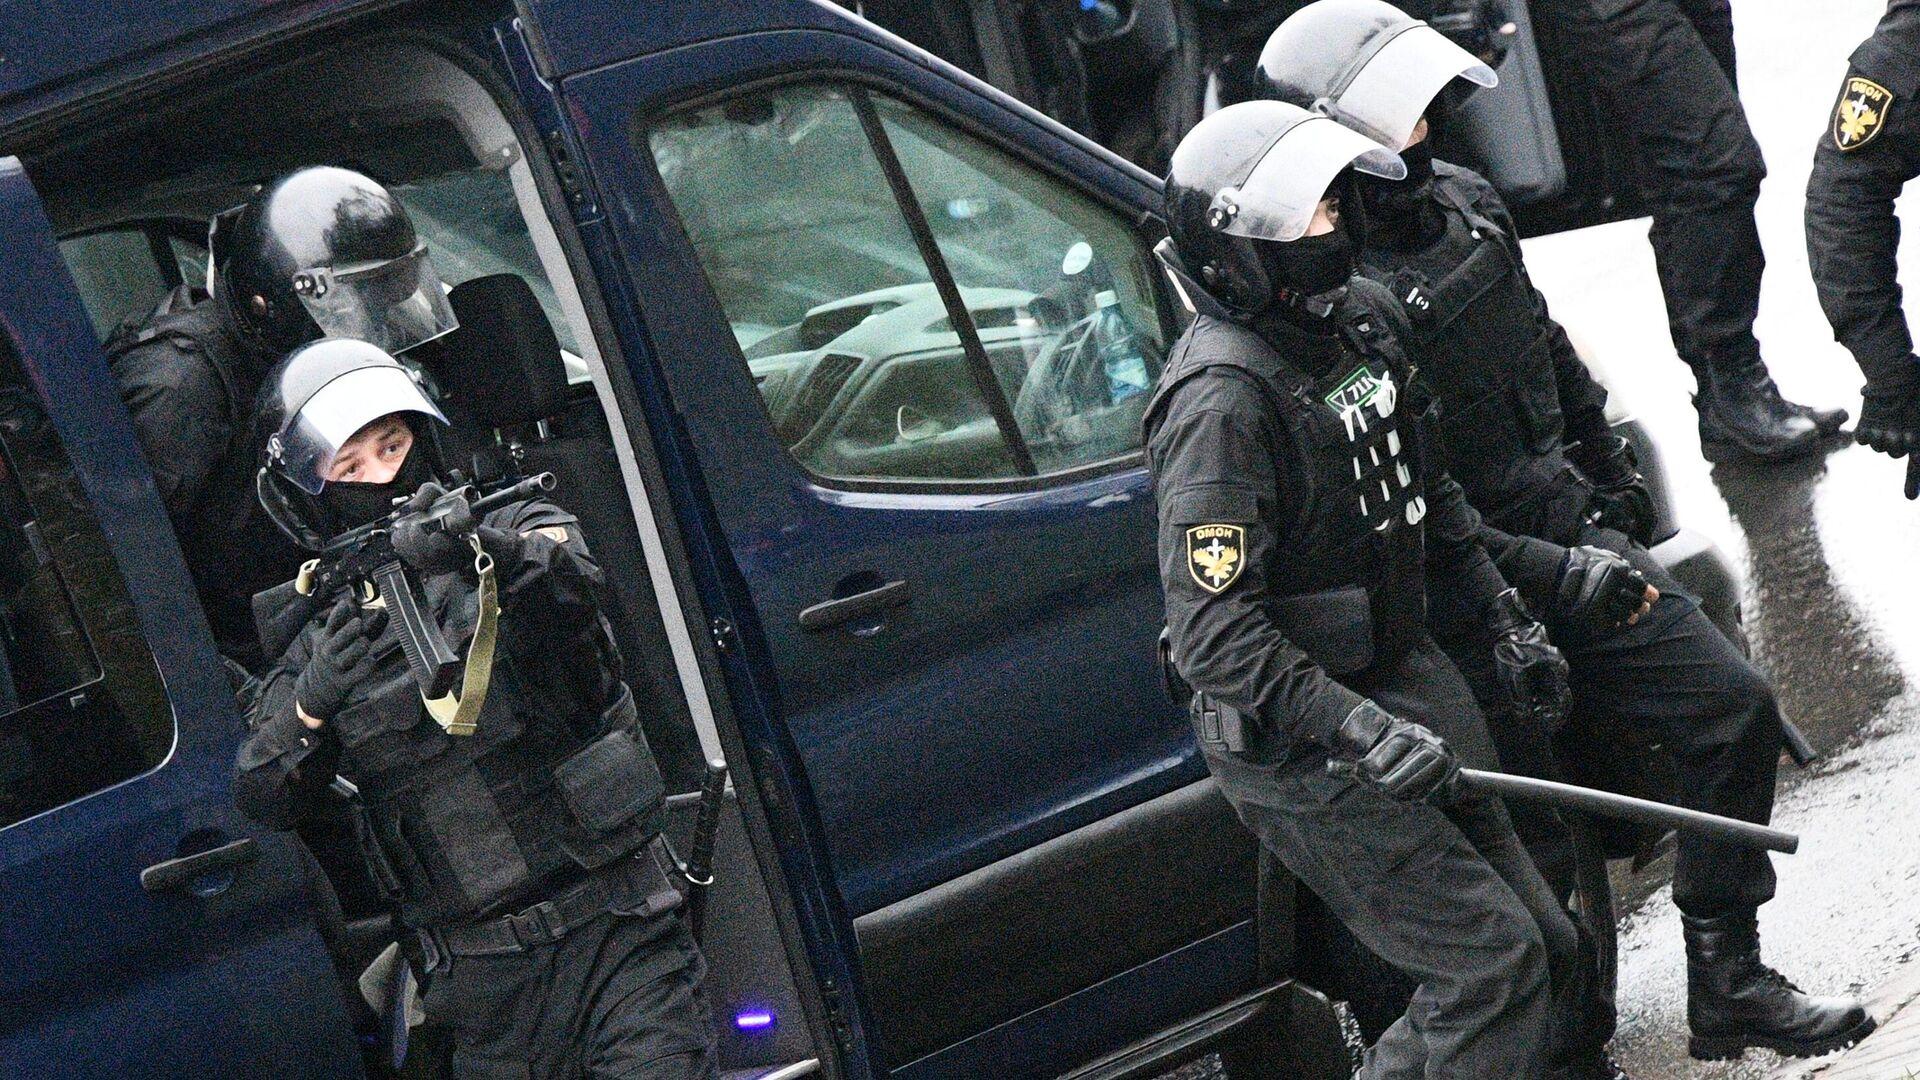 Журналистка сообщила об обыске в белорусском информагентстве БелаПАН